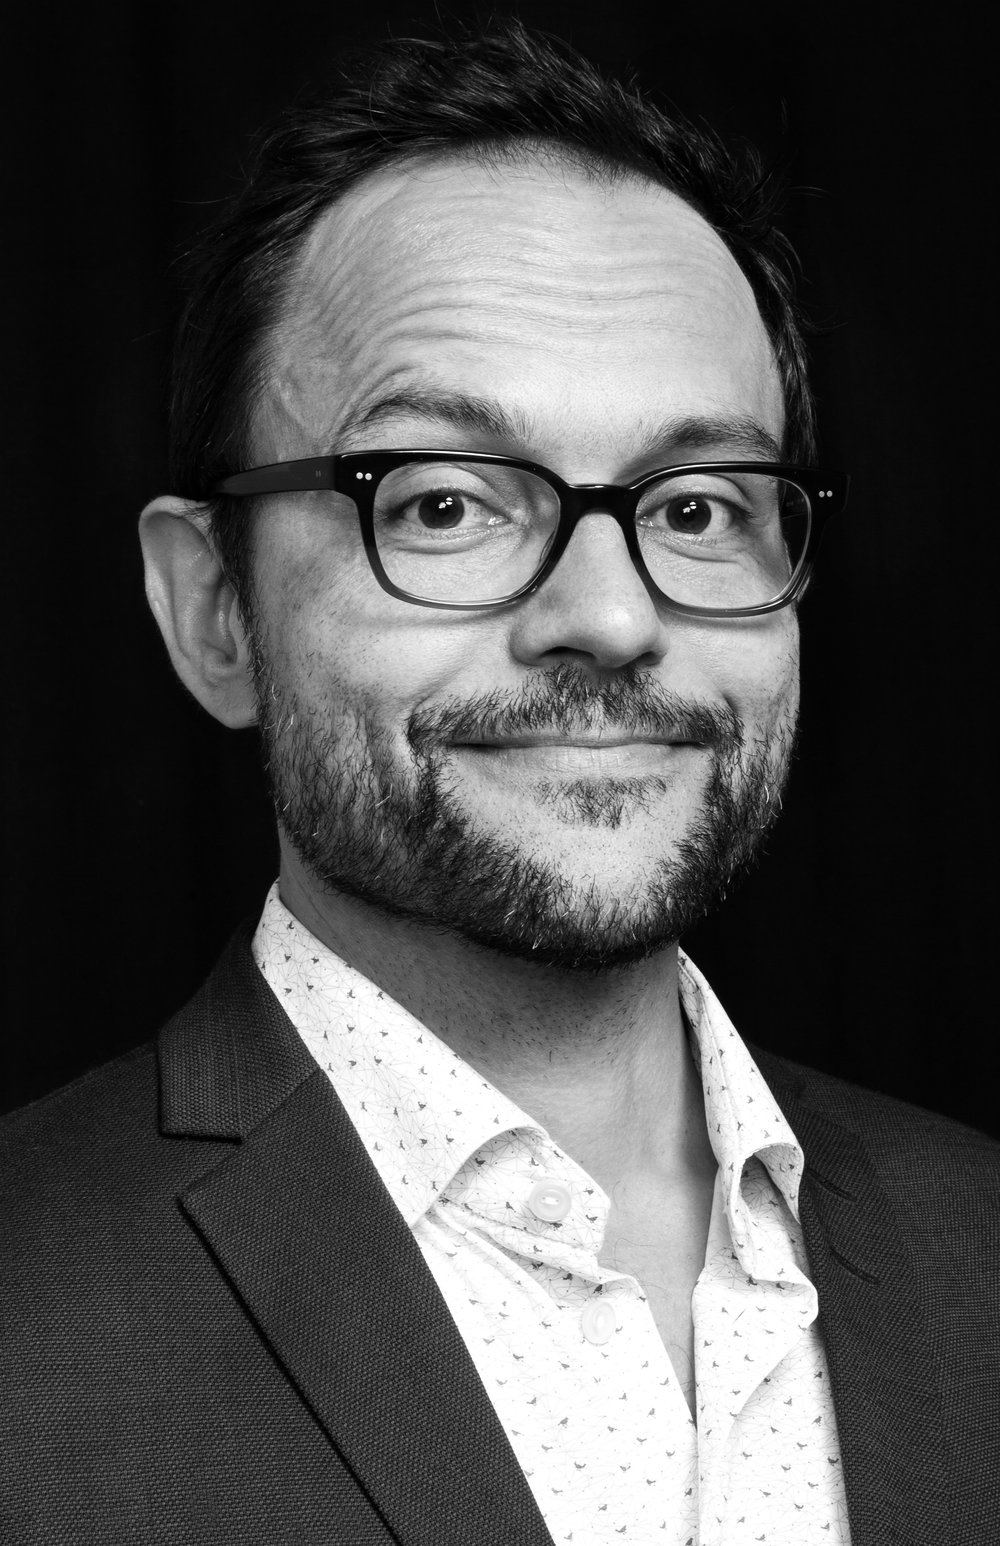 """Peter Sloth Madsen - Stifter Instruktør, proceskonsulent og konceptudviklerPeter udvikler og faciliterer workshops indenfor kommunikation, kreativitet og innovation.Med over 15 års erfaring med at designe og lede processer og undervise meget forskellige målgrupper gennem kreative metoder, har Peter en særlig indsigt i krydsfeltet mellem eksperimentelle metoder og organisatorisk læring. Med en god fornemmelse for """"den tilpasse forstyrrelse"""", der skaber nye erkendelser i det respektfulde møde mellem organisationens præmisser og de valgte metoder. Redskaber fra improvisation og designtænkning anvendes bla. til at sætte fokus på kommunikation og ideudvikling.Som Cand.IT og certificeret Scrum Master (PSM I) har Peter bred indsigt i og erfaring med digitale processer. Herunder design af de rette brugerinddragelsesmetoder og DEMO forløb i agile projekter.TVÆRFAGLIG BAGGRUND- Cand.IT / MSc. Designtænkning, læringsdesign og organisationsudvikling- Copenhagen Business SchoolLedelse, cross-cultural management- Dramaturg, AAU- Scenekunstner, BA, NTA, Norge- Procesledelses-konsulent, exam, Copenhagen Coaching Center- Erhvervsinnovatør, exam. DPU- Innovationskonsulent, diplom exam- Professional Scrum Master I (PSM I)Kompetencer: kommunikationstræning, foredragsholder, præsentationstræning, """"tolk"""" mellem teori og praksis, undervisning, innovations-ledelse, aktions-forskning, design-thinking, co-design, forandringsledelse, design af digitale og analoge participatoriske læringsprocesser.ReferencerLinkedin-profil"""